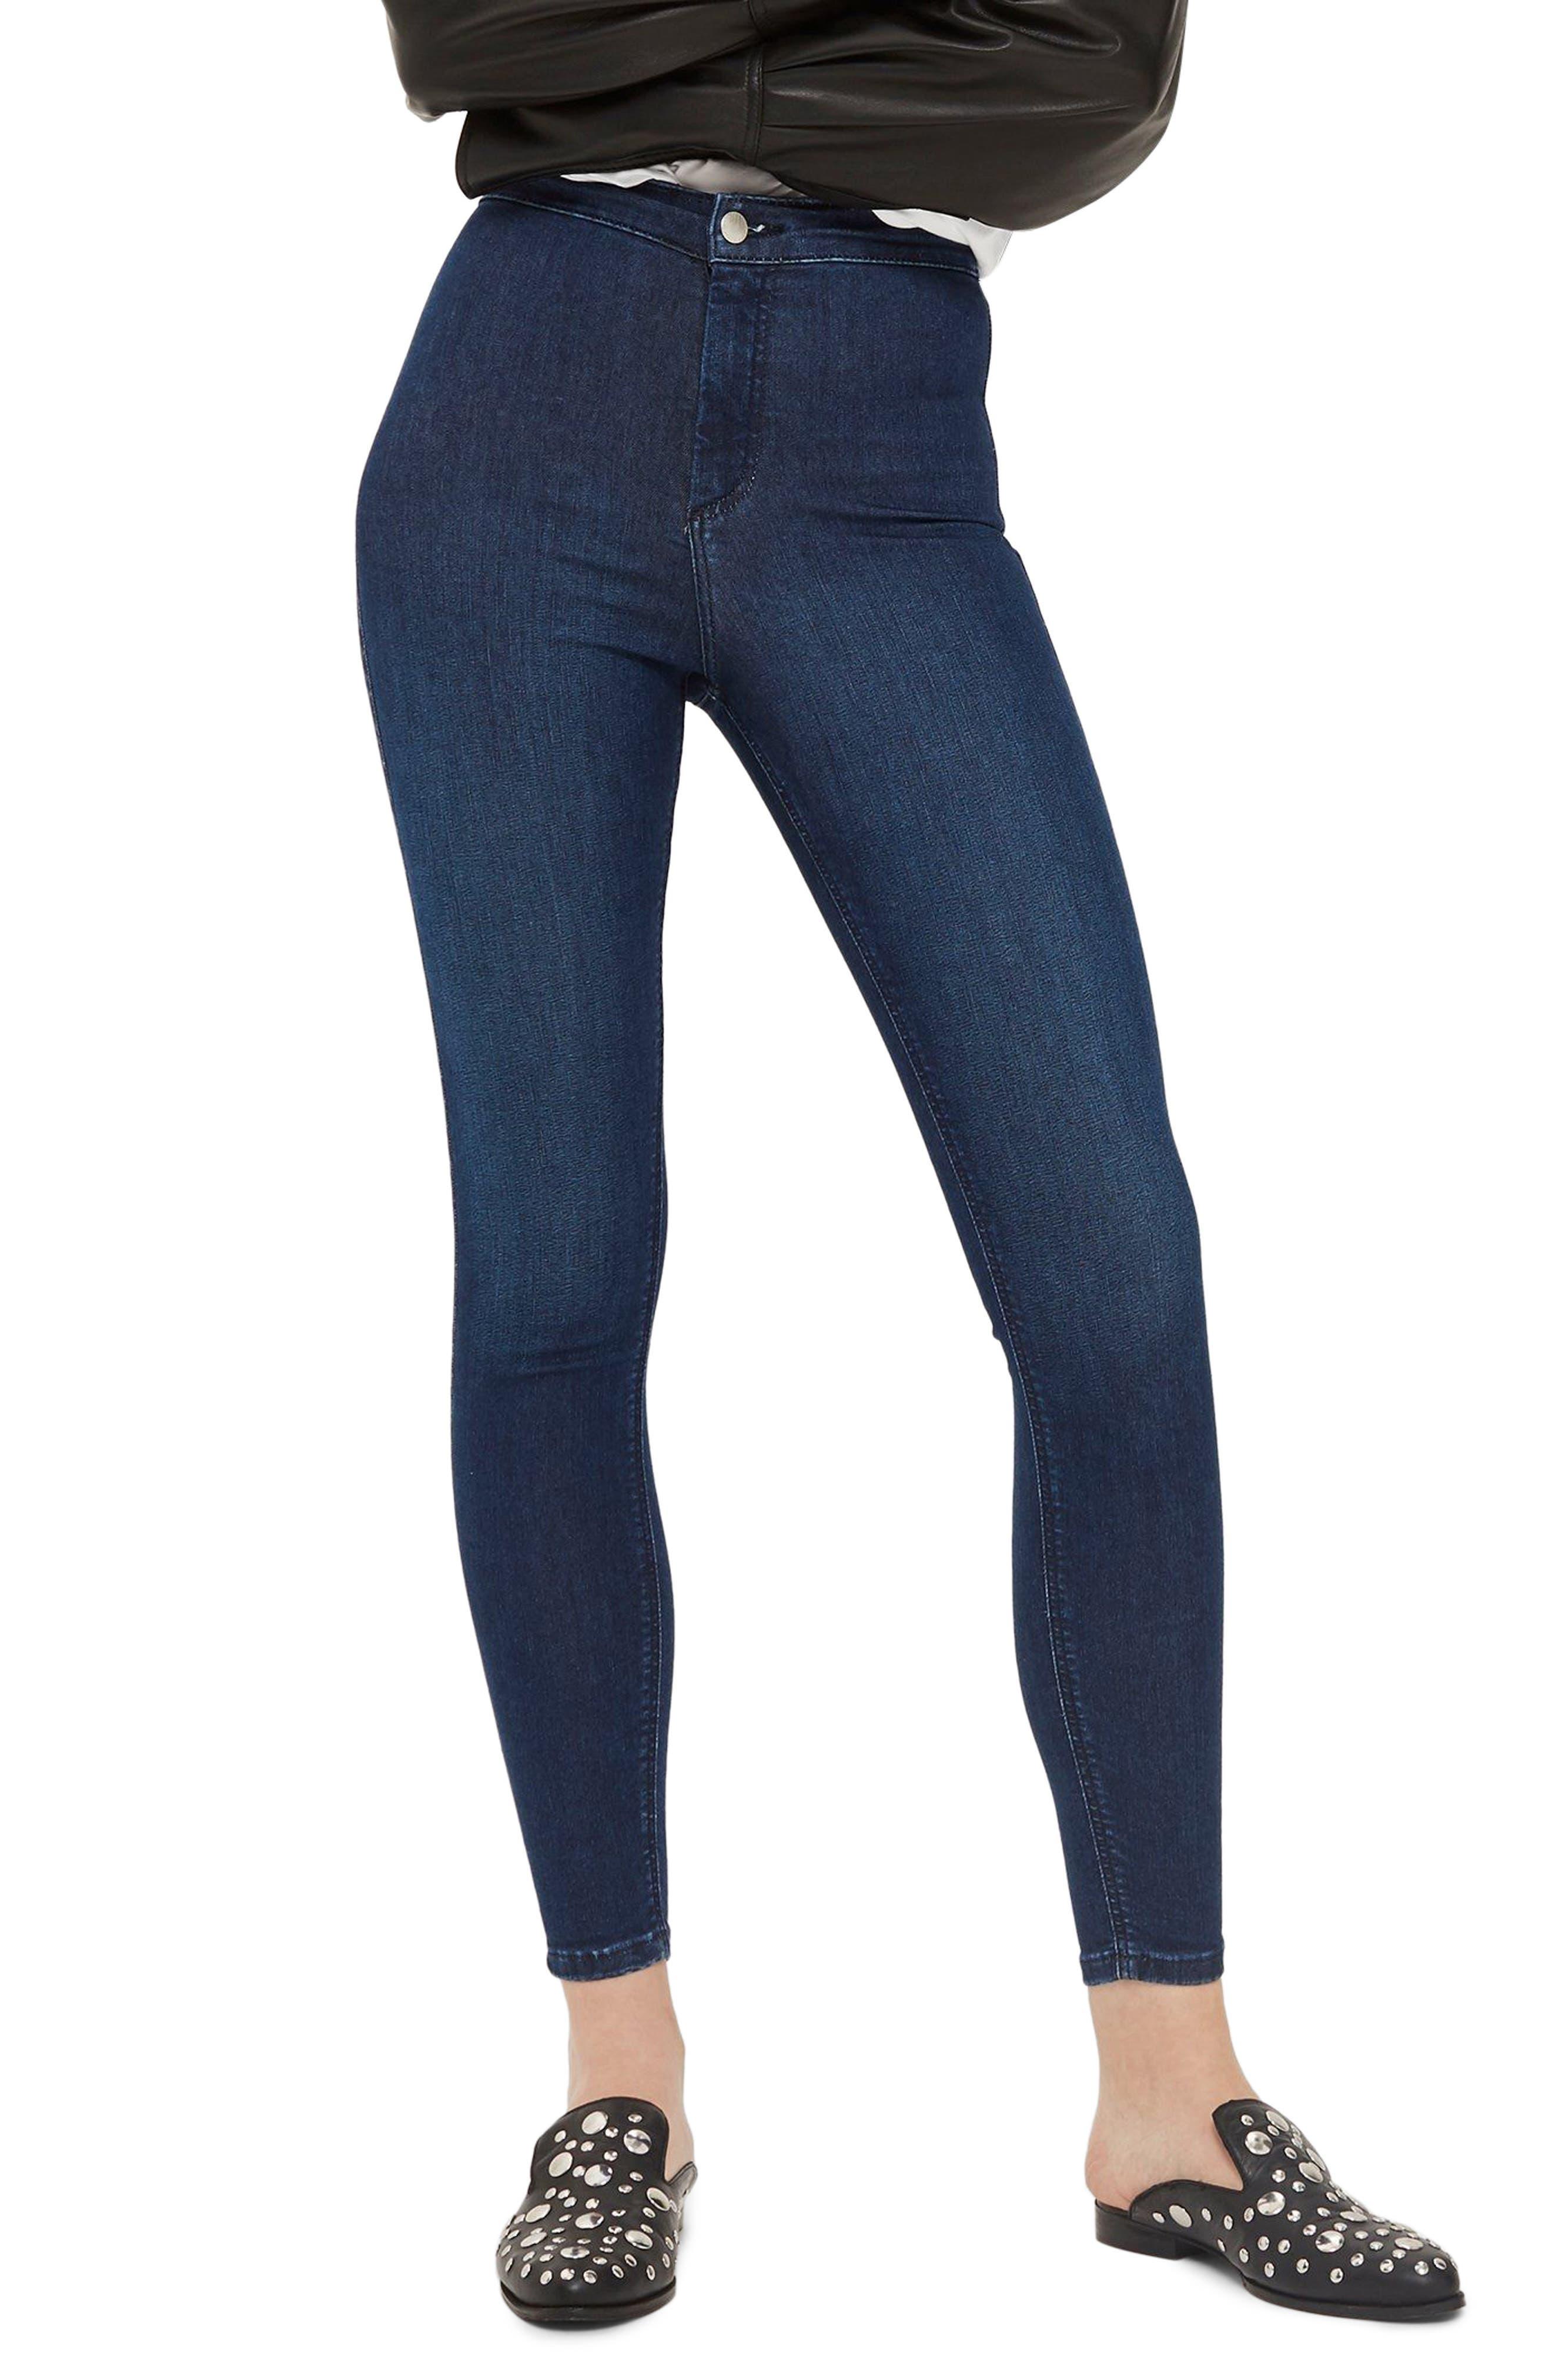 Jeans Topshop Jeans Women's Topshop Women's Nordstrom Jeans Women's Nordstrom Topshop 4WnTnSB